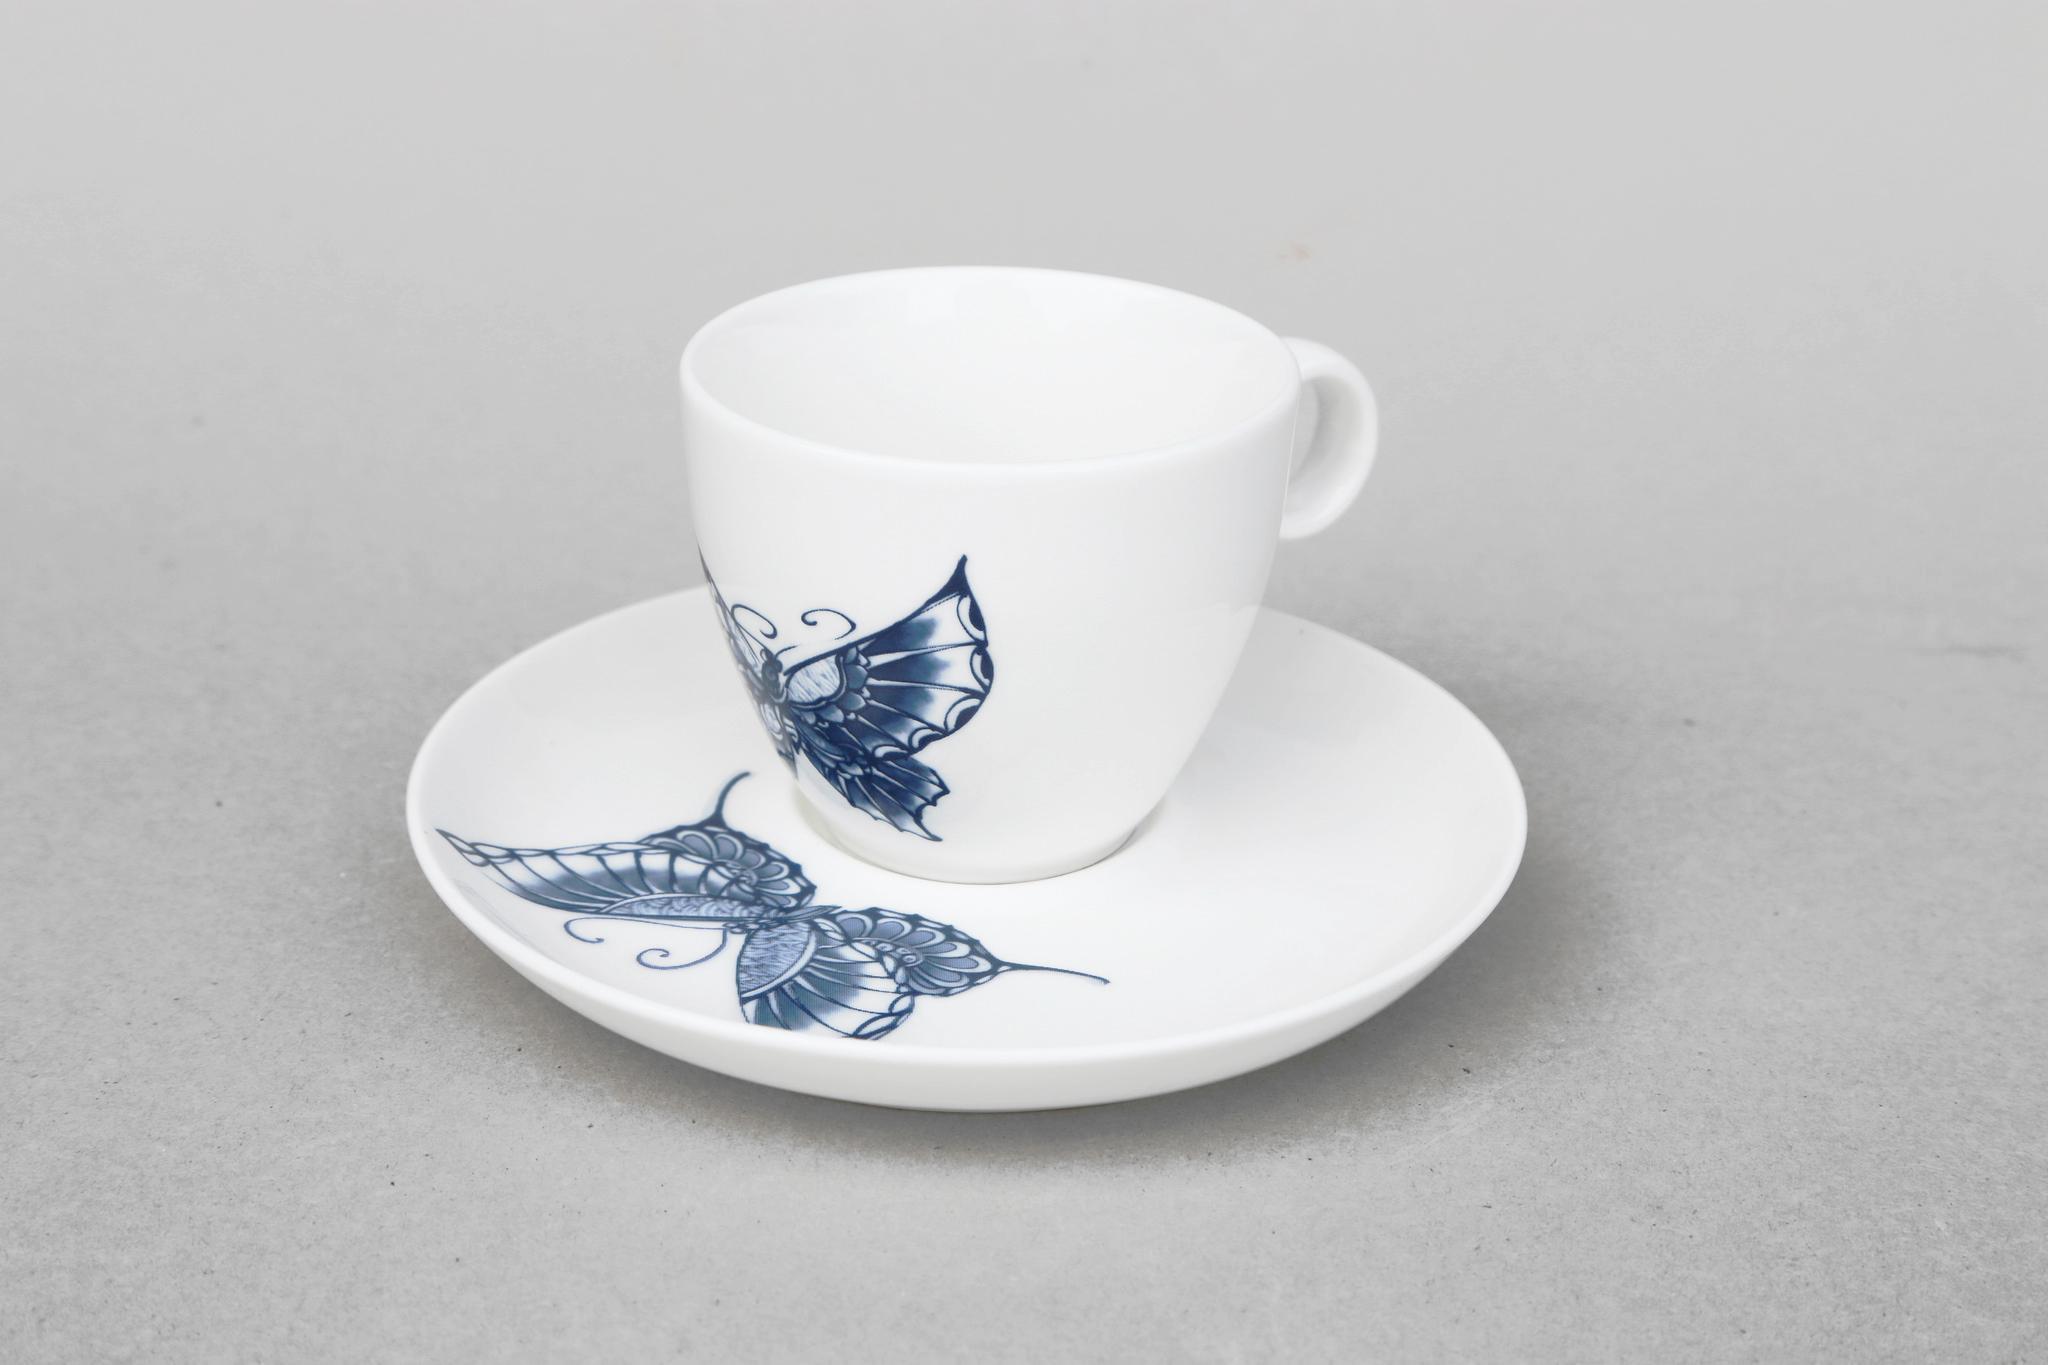 楊莉莉青花:經典咖啡杯組(福利品)   尺寸(長 x 寬 x 高): 盤體:15.5 x 15.5 x 2.5 cm 杯體:8.5 x 8.5 x 7.0 cm 容量:200 ml 材質:陶瓷 產地:台灣 福利售價:350 元 備註:此為功能正常的福利品,保證安全性與正常商品相同,但有狀況不同的外觀瑕疵,請可接受再行購買。福利品與線上商店商品請分開下單。數量有限,售完為止。 贈品:附贈青花系列吸水杯墊(福利品)款式隨機出貨一個。